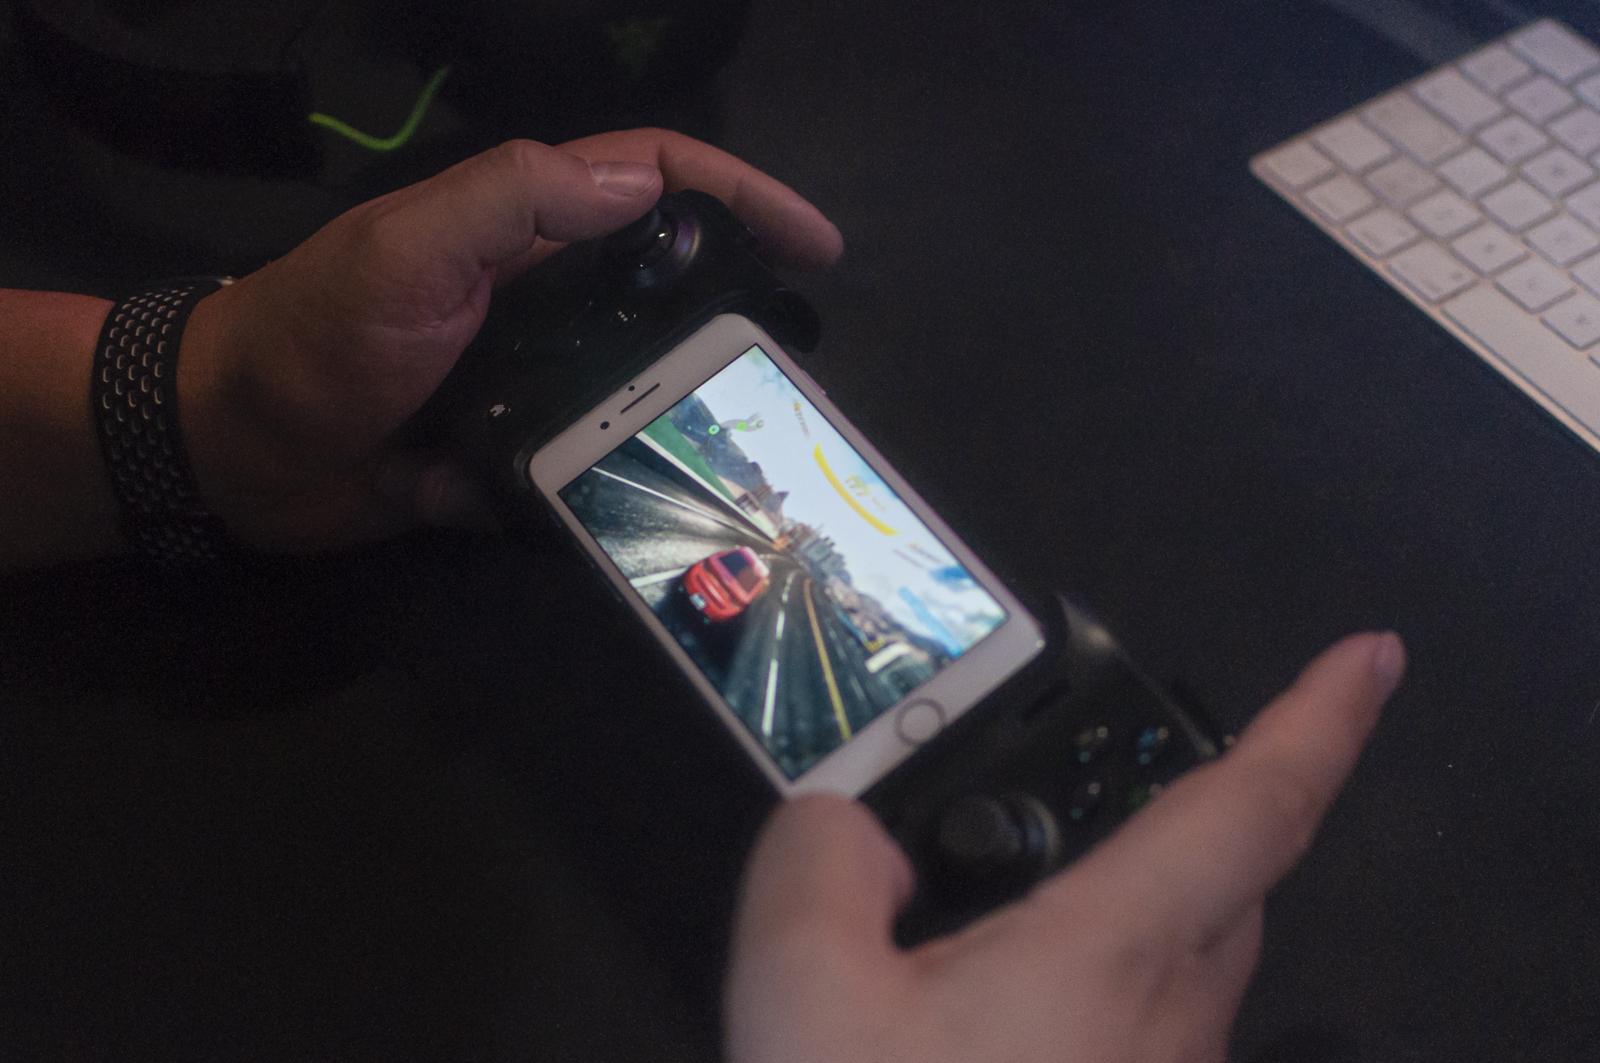 Recensione Razer Kishi per iPhone, si gioca sul serio anche su mobile